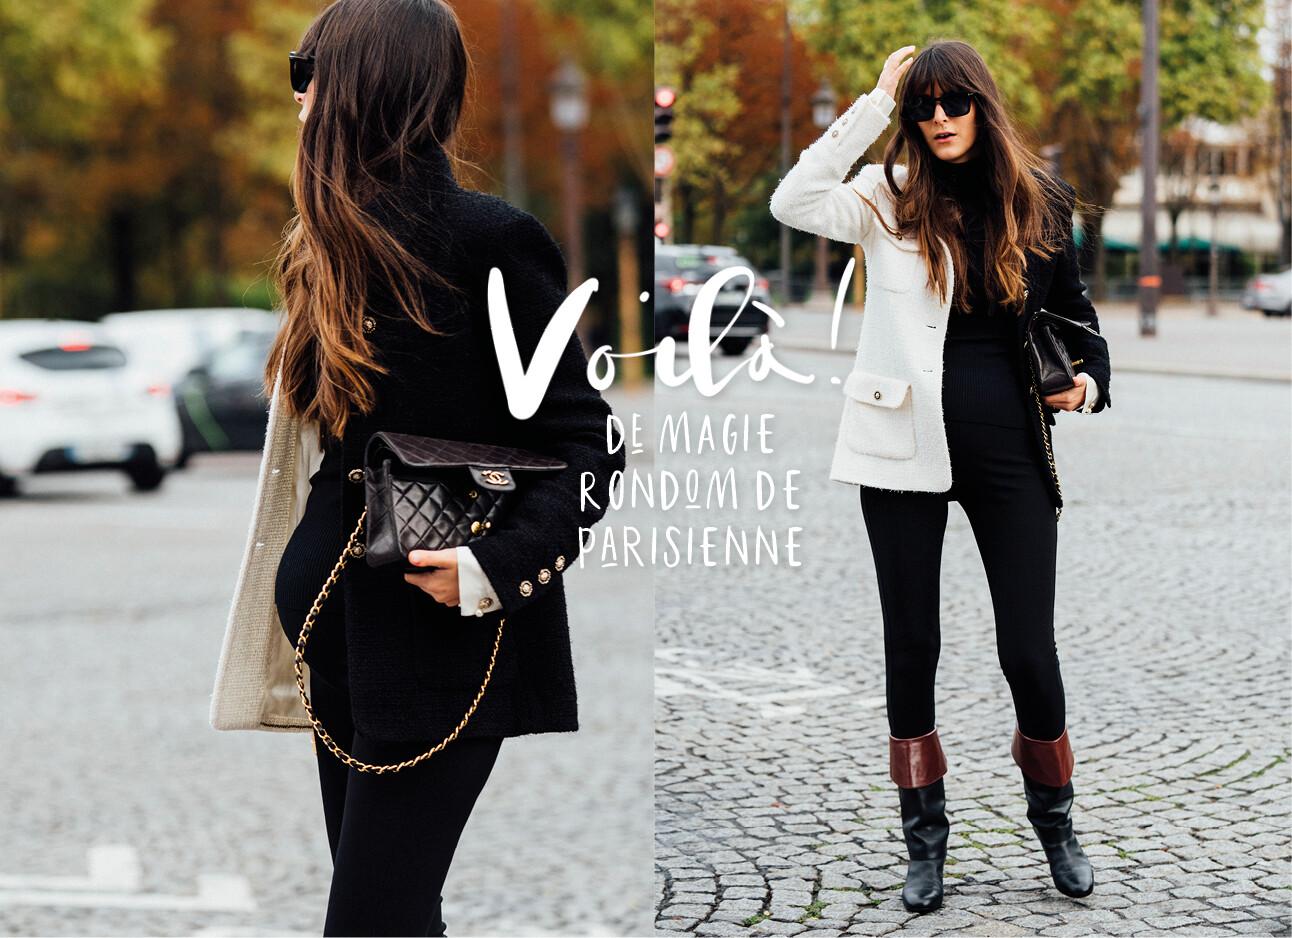 Parisienne druk op straat